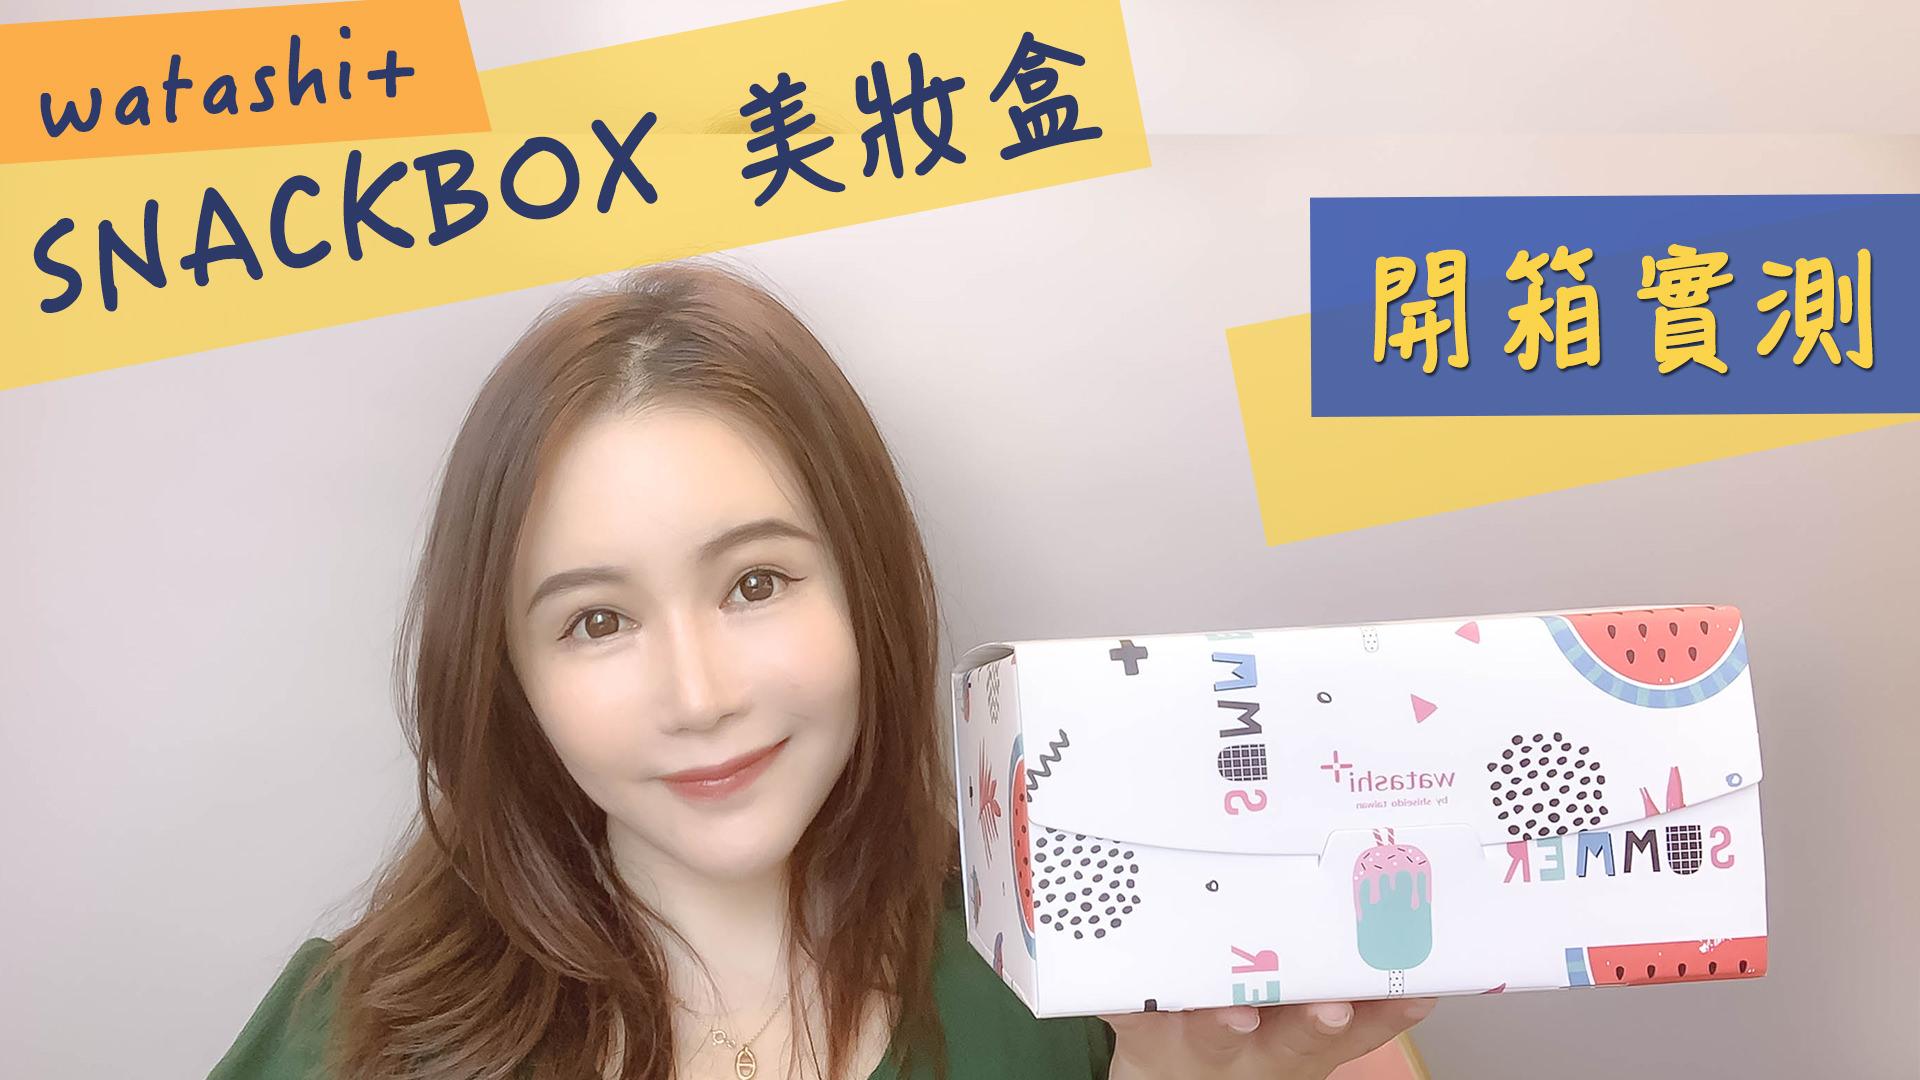 [YOUTUBE] 資生堂 watashi+ 美妝盒大開箱與真實實測 | 2019 IGisele